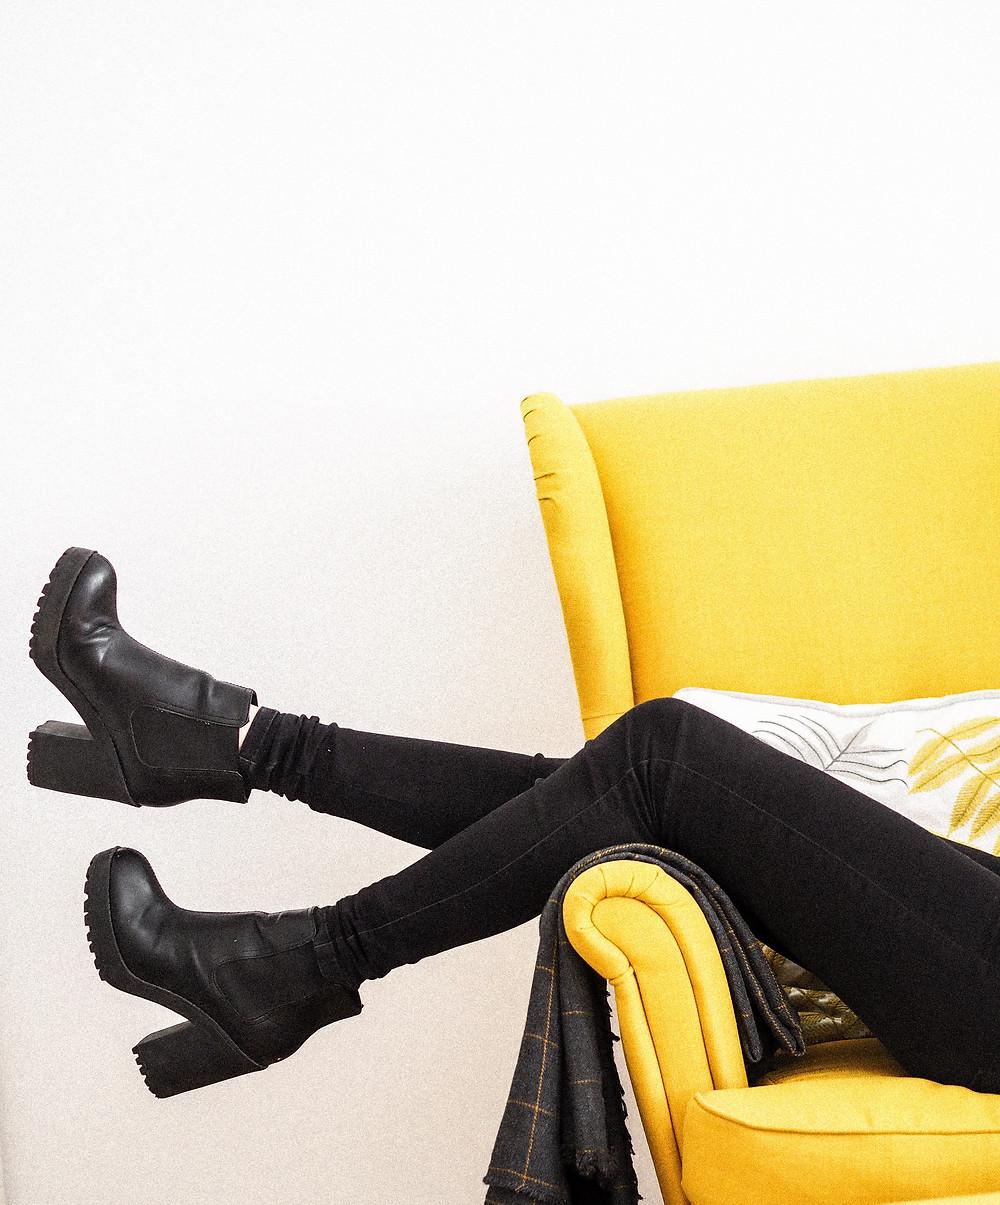 Millennial woman wearing black skinny jeans